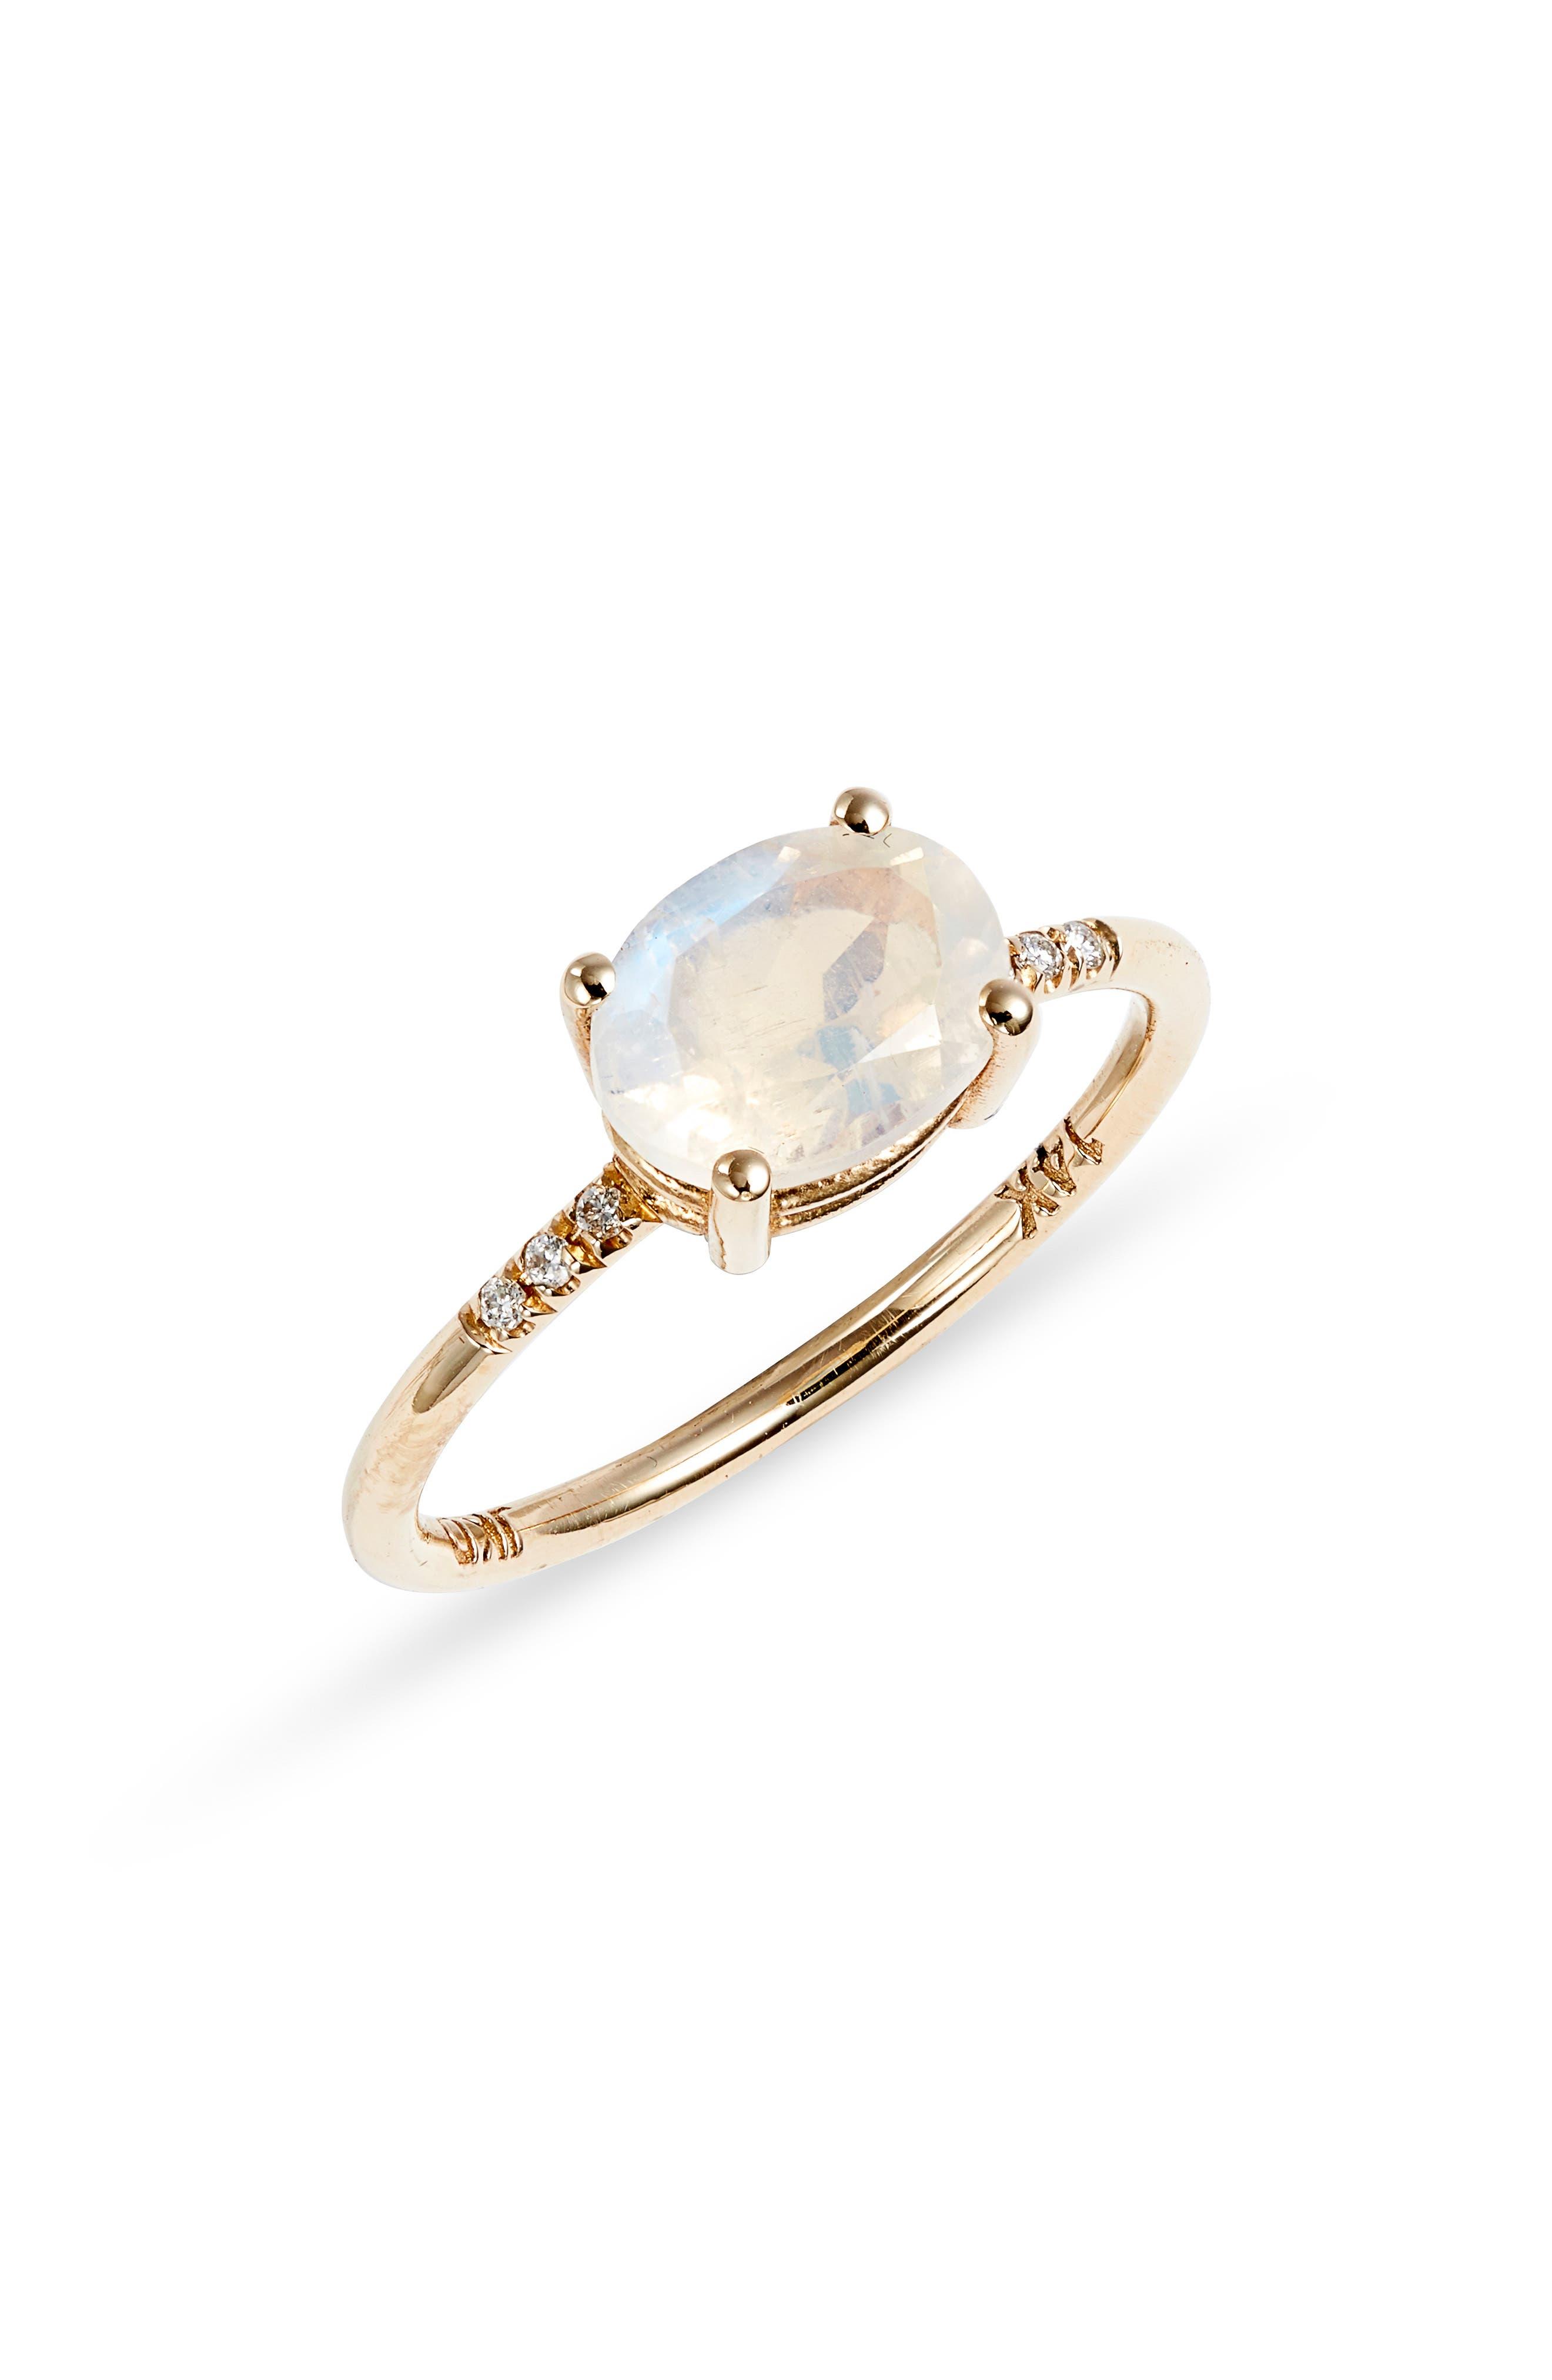 Moonstone & Diamond Equilibrium Ring